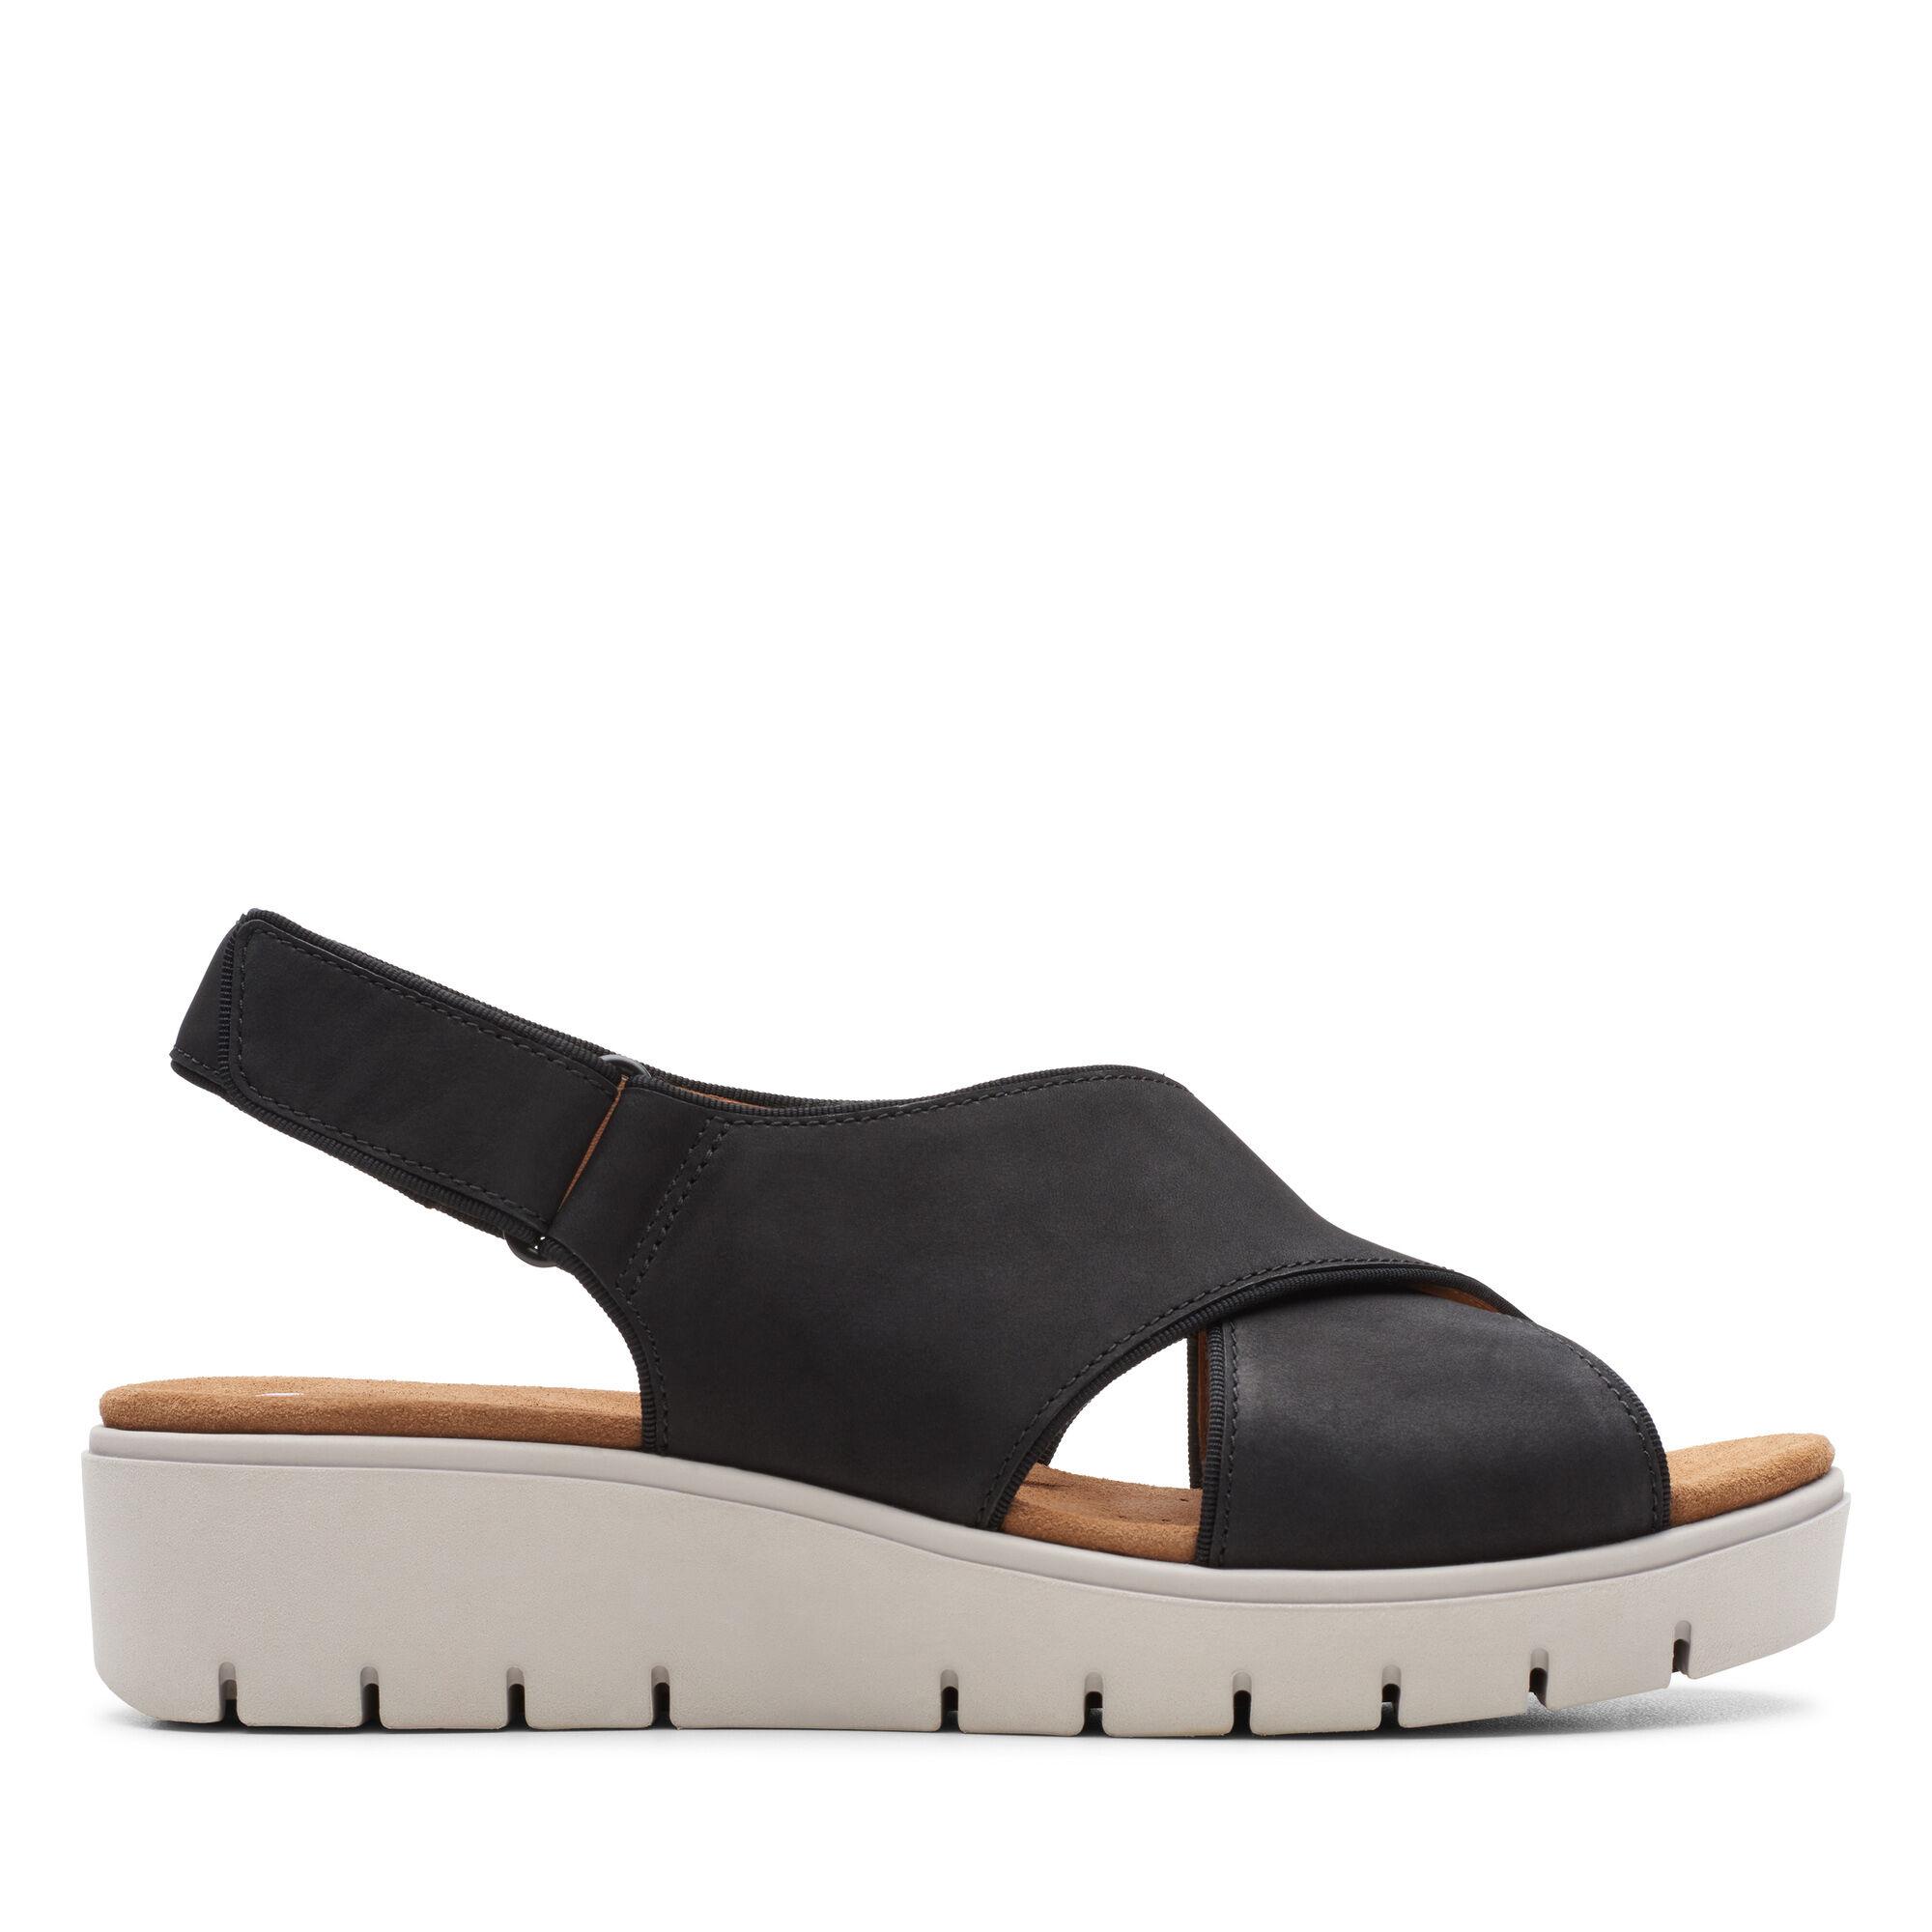 Women's Sandals | Clarks